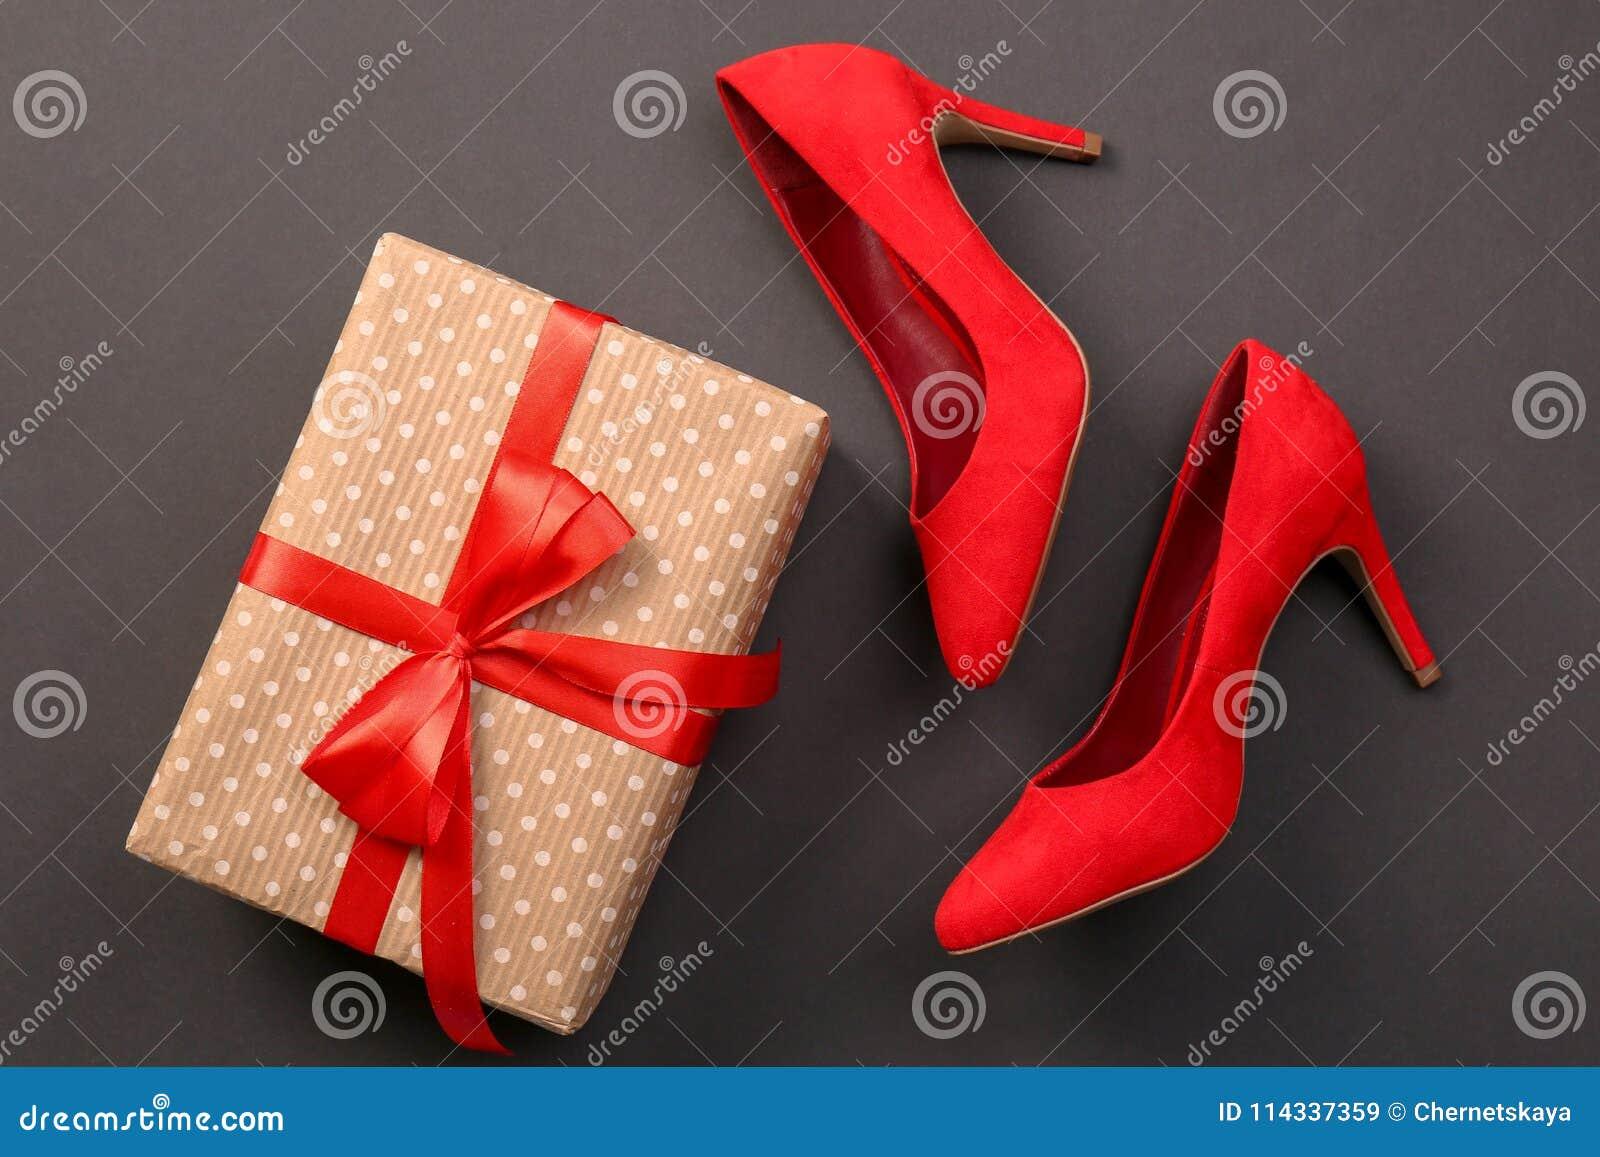 Elegant Female Shoes And Gift Box Stock Image , Image of